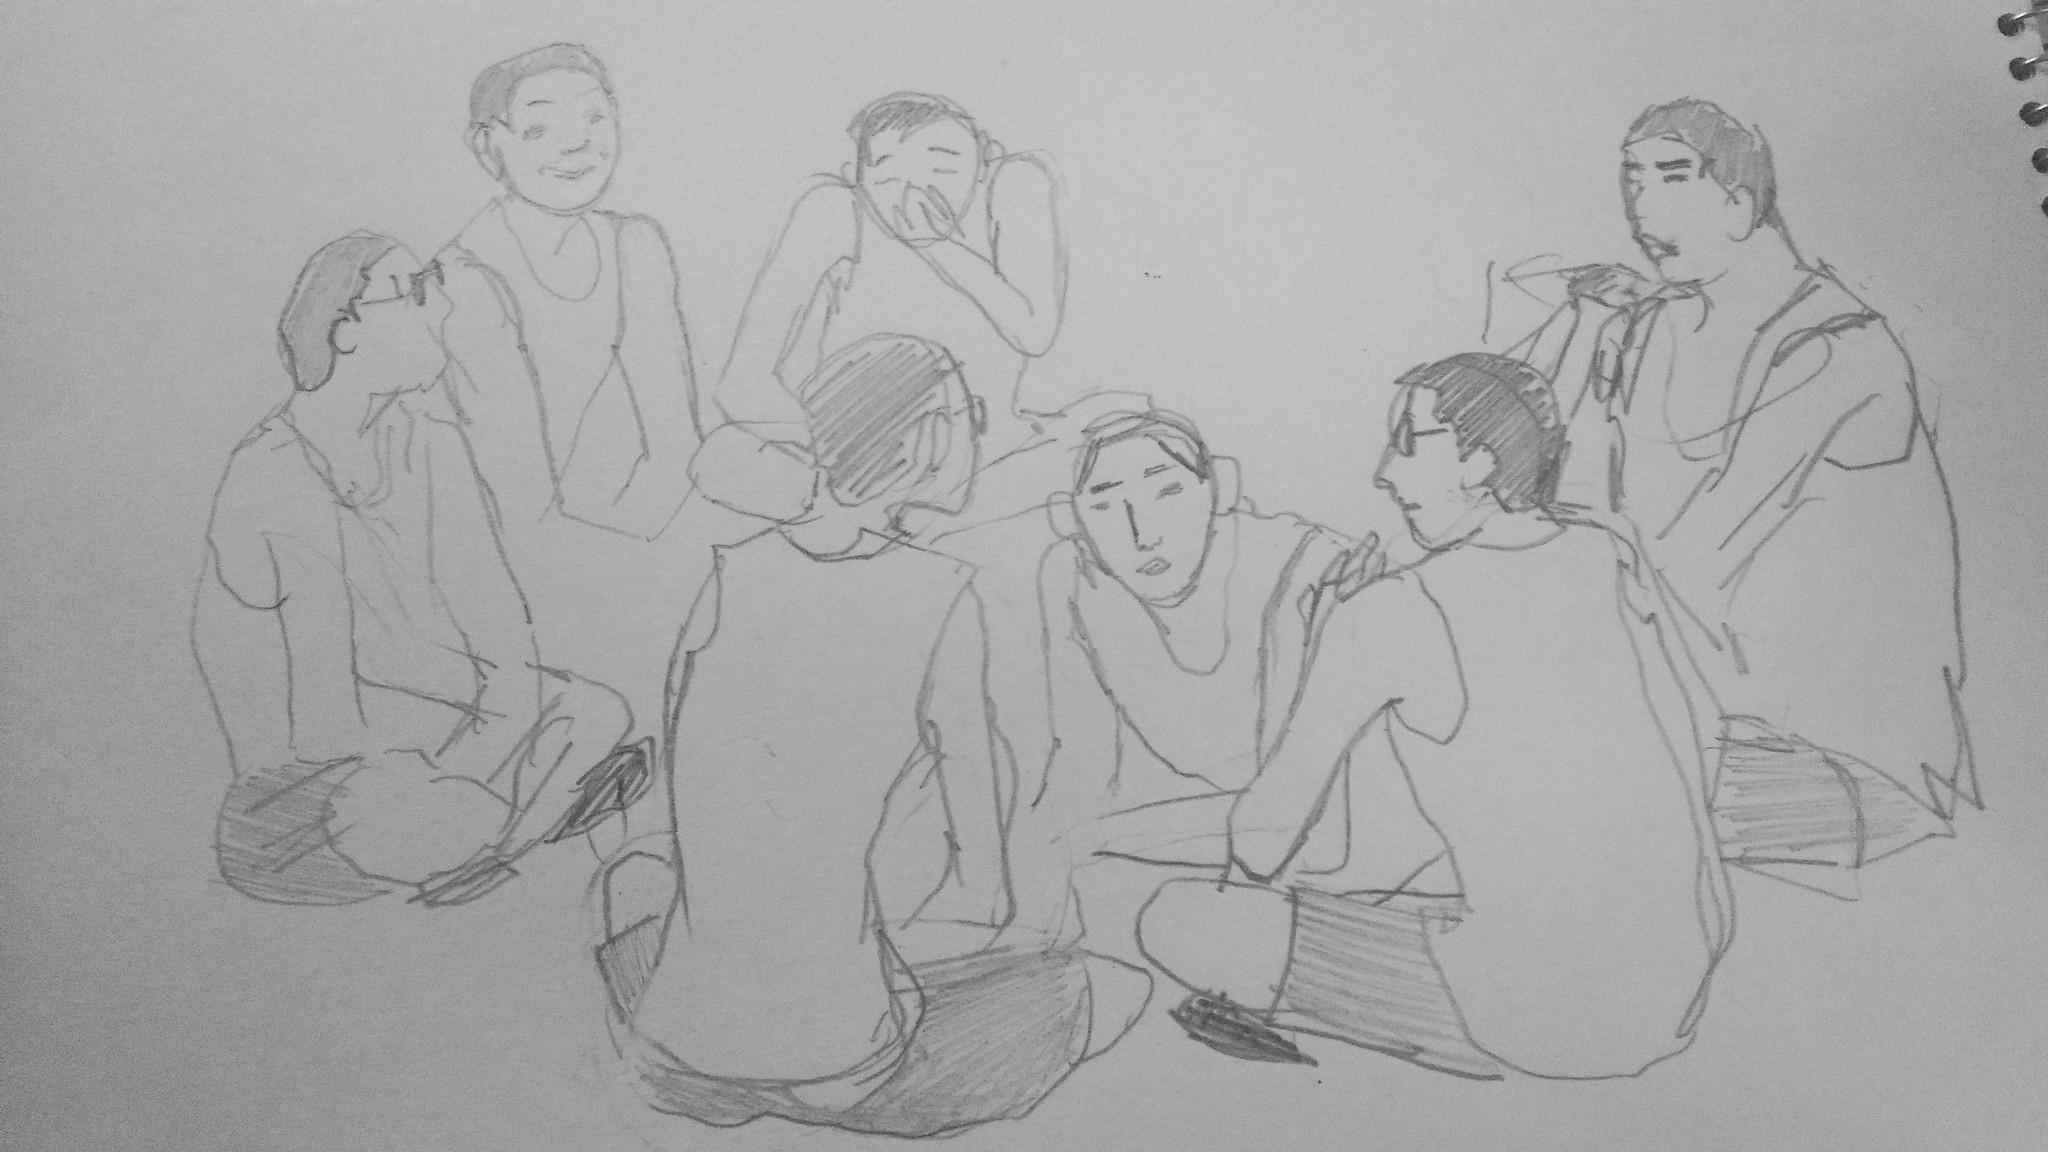 獄中工作坊無法拍攝劇照,劇場同仁以手繪素描紀錄了演出排練過程。(差事劇團提供)